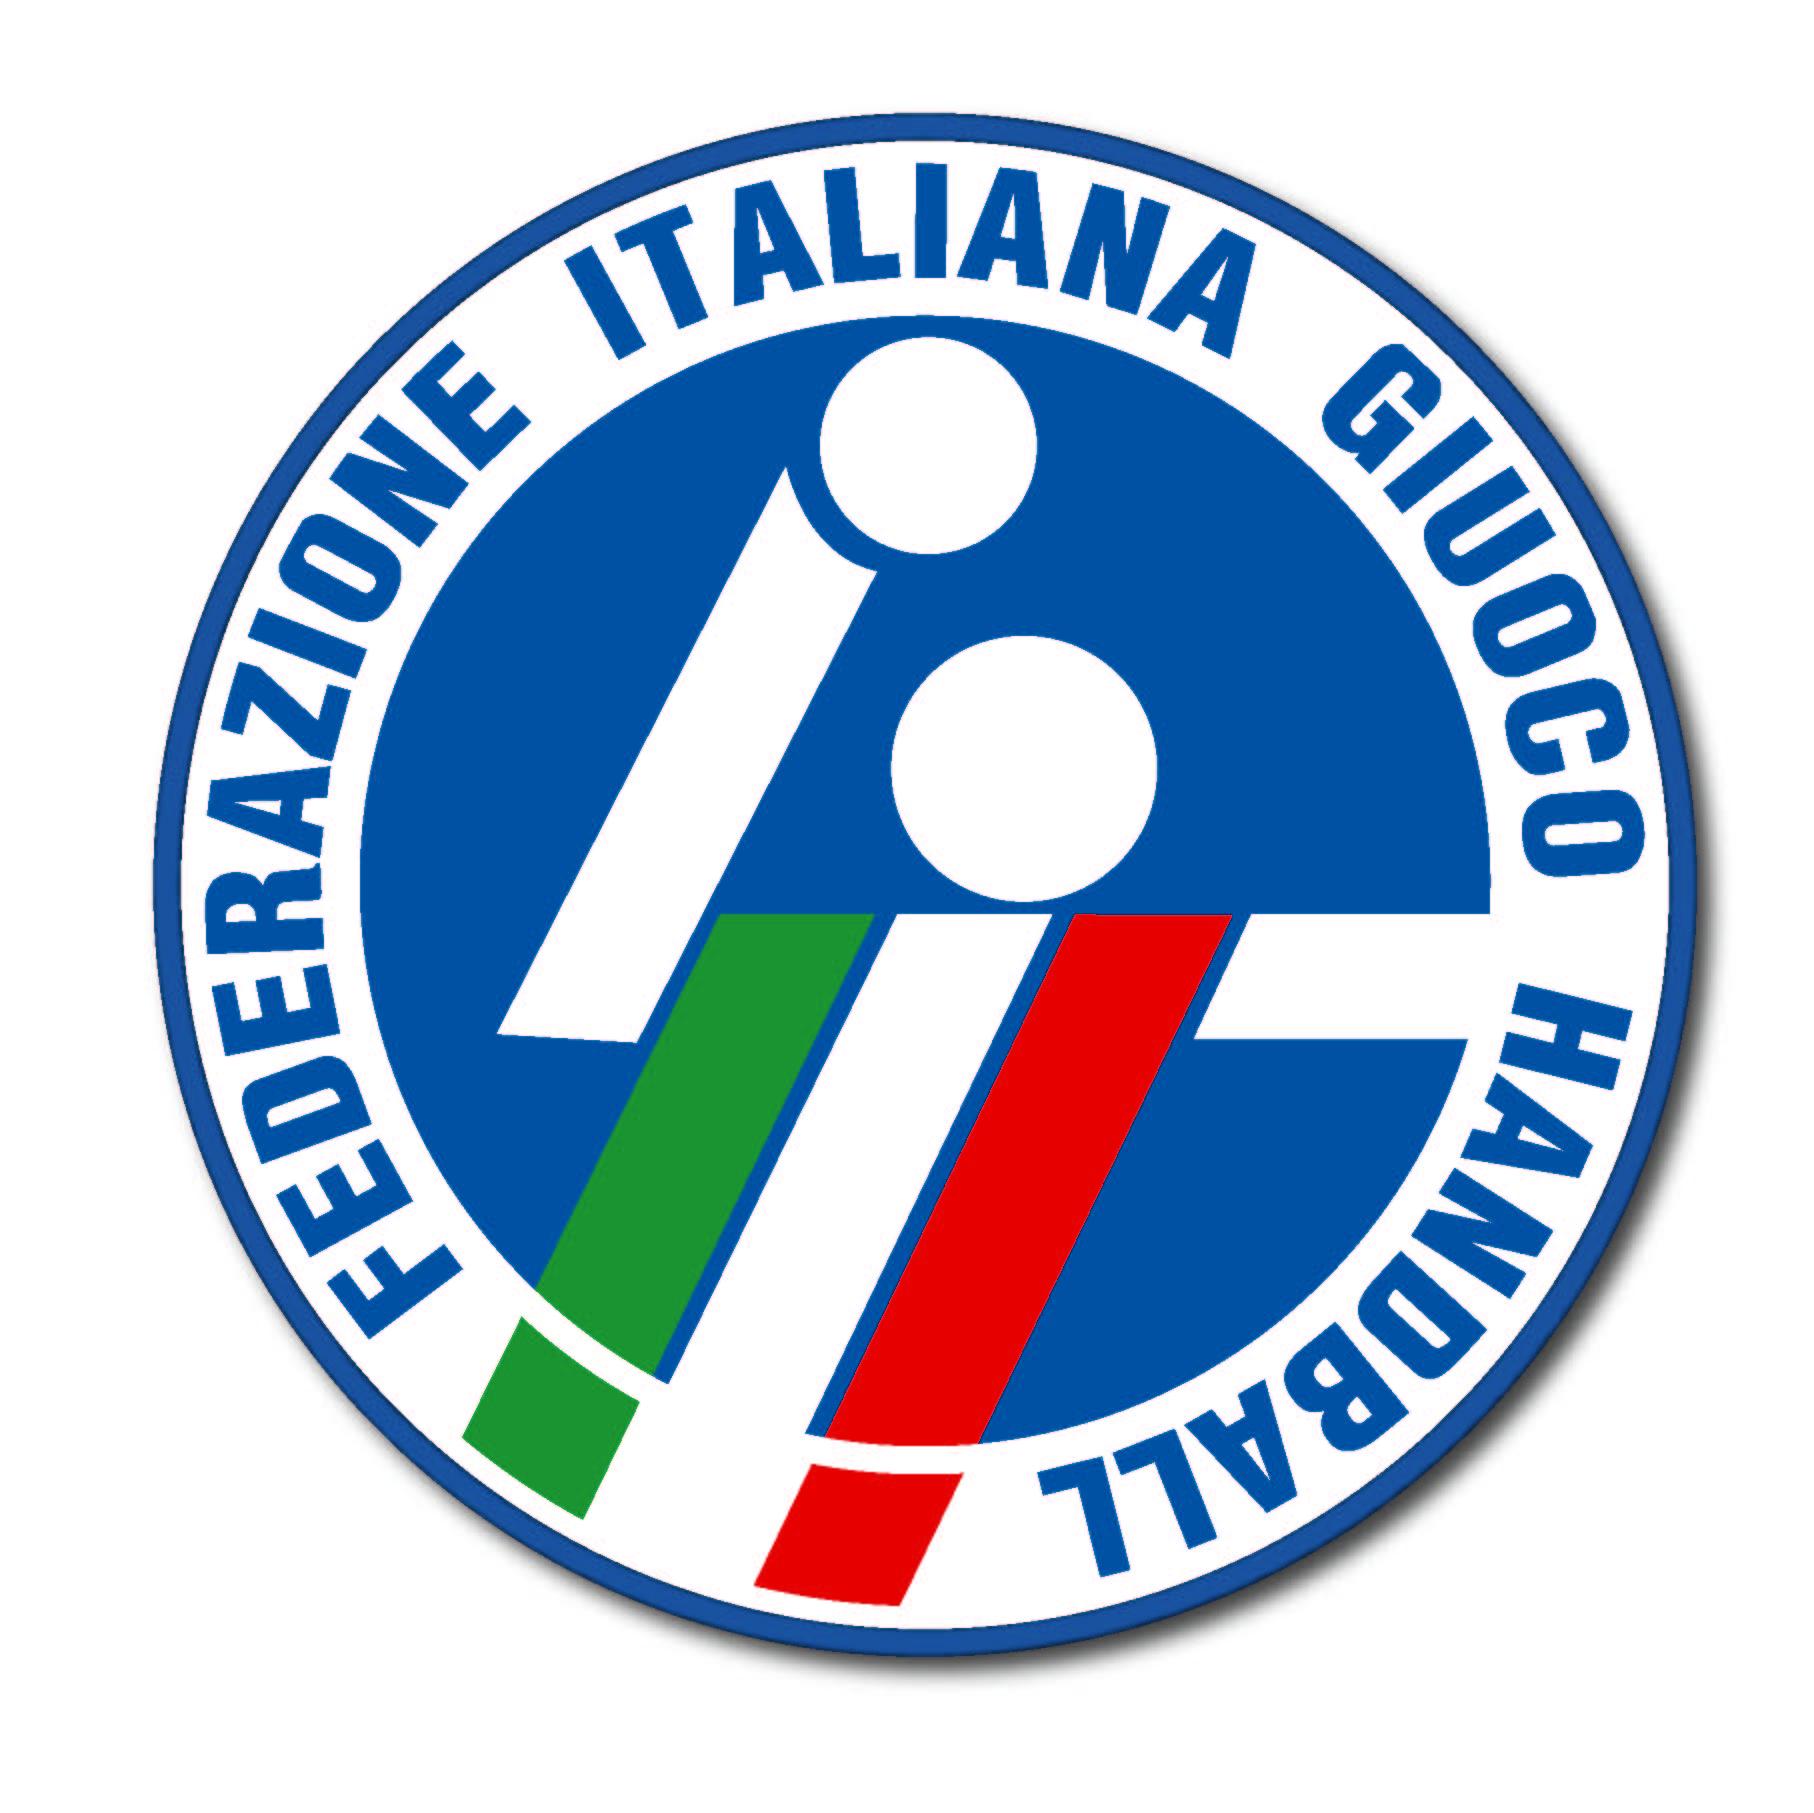 PALLAMANO-ALBATRO IN COPPA ITALIA